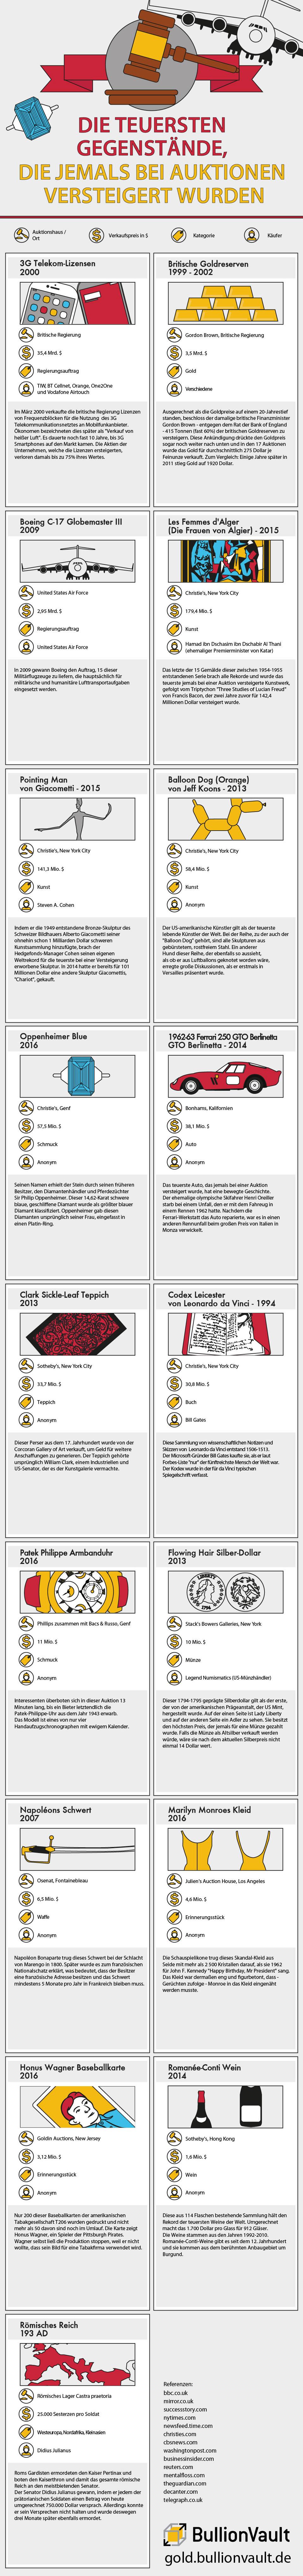 Teuerste Auktionen Infografik